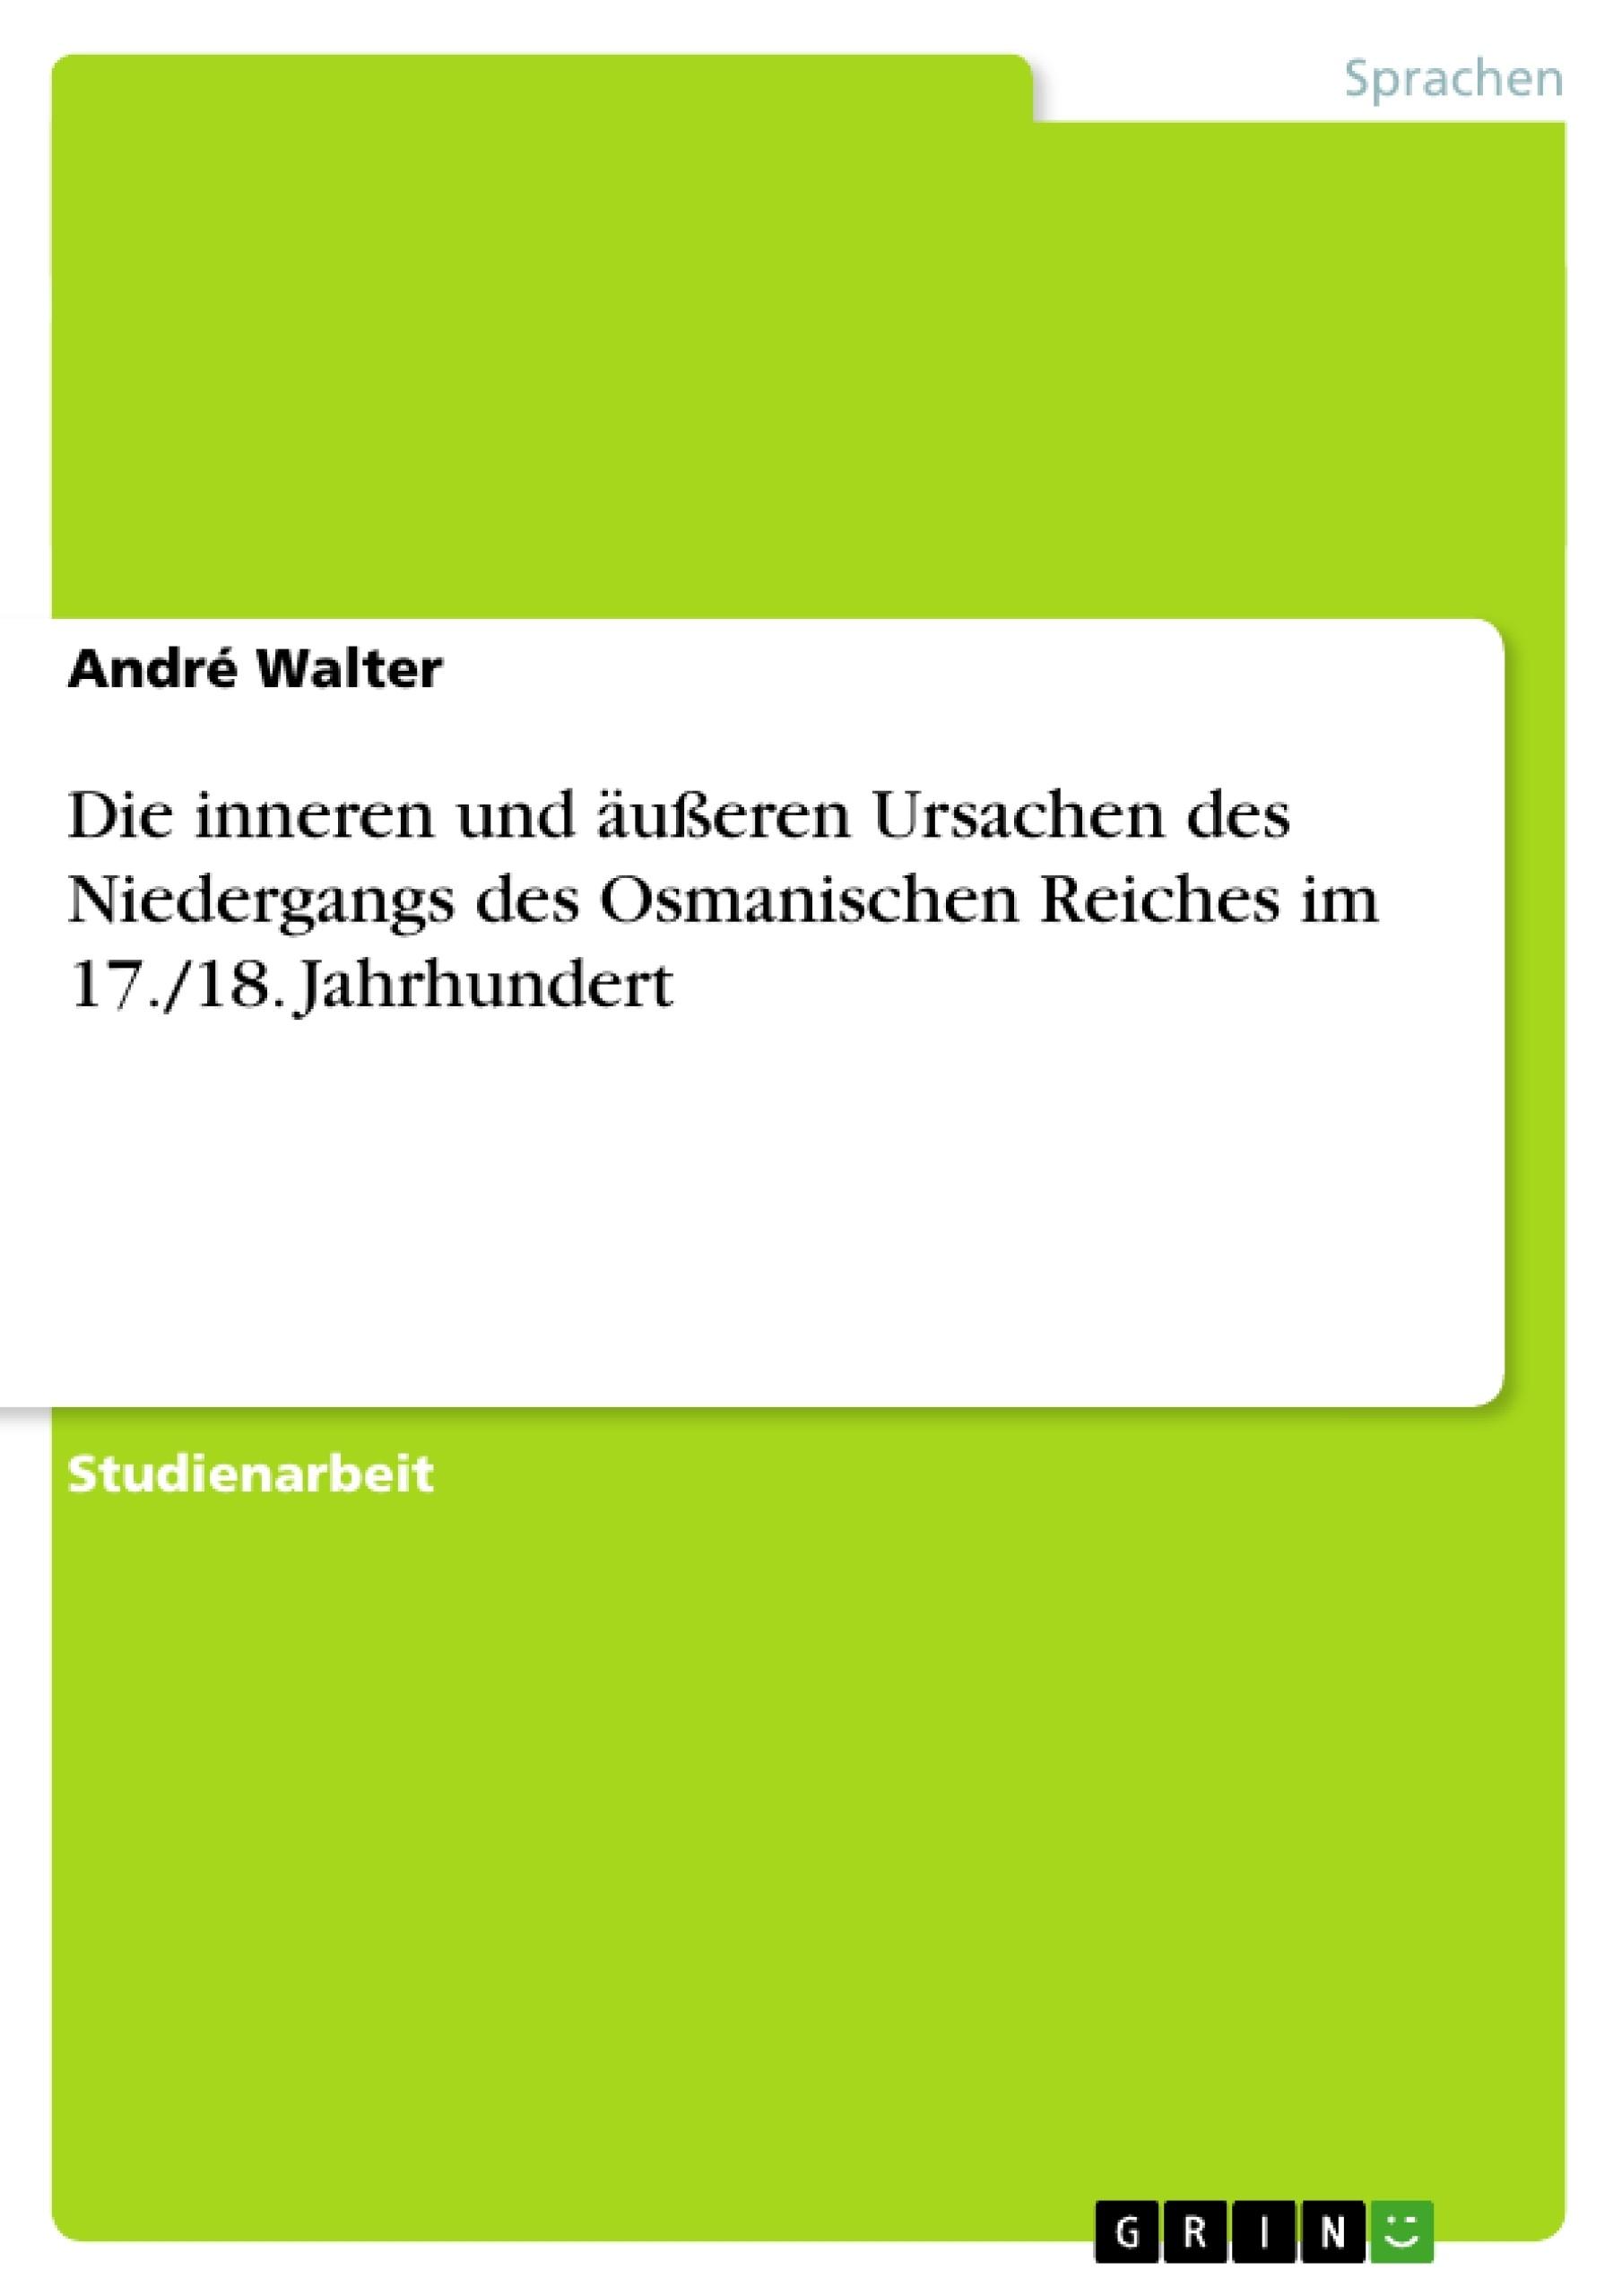 Titel: Die inneren und äußeren Ursachen des Niedergangs des Osmanischen Reiches im 17./18. Jahrhundert